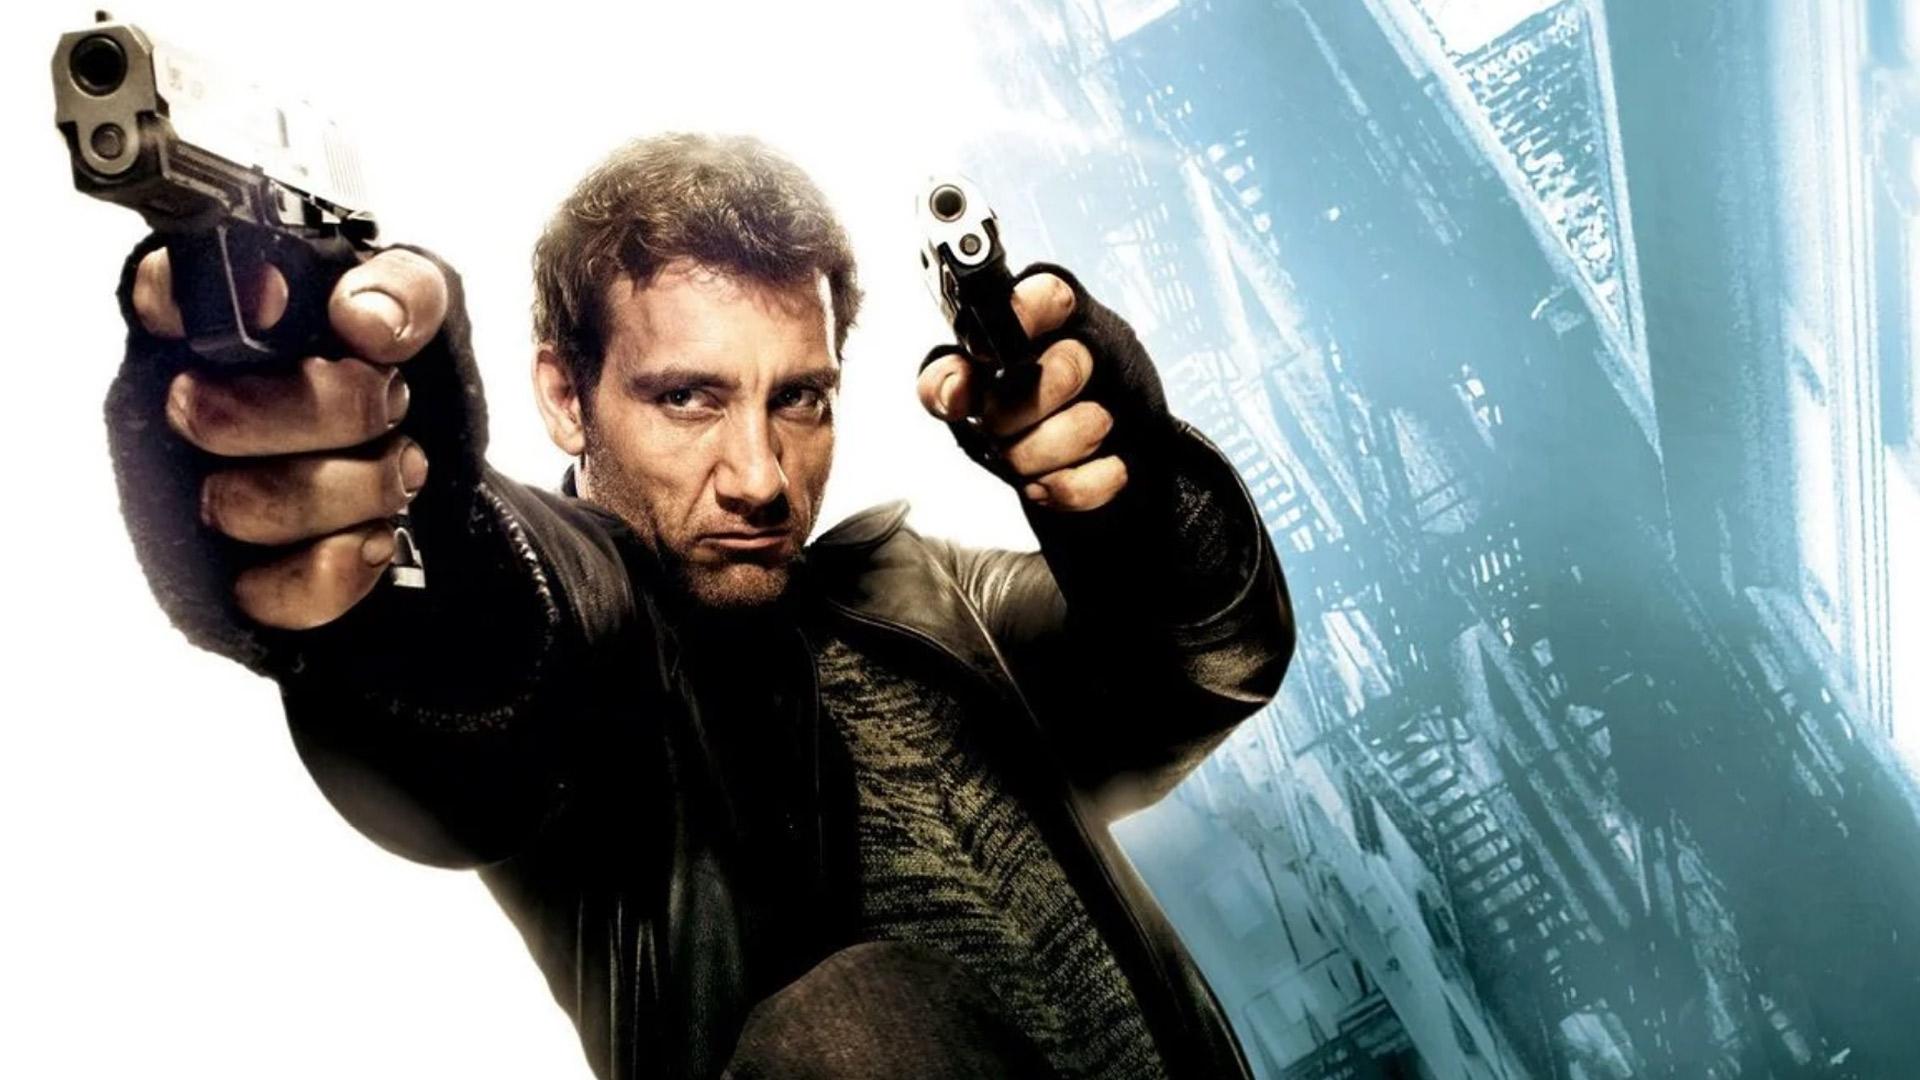 Shoot 'Em Up (2008)